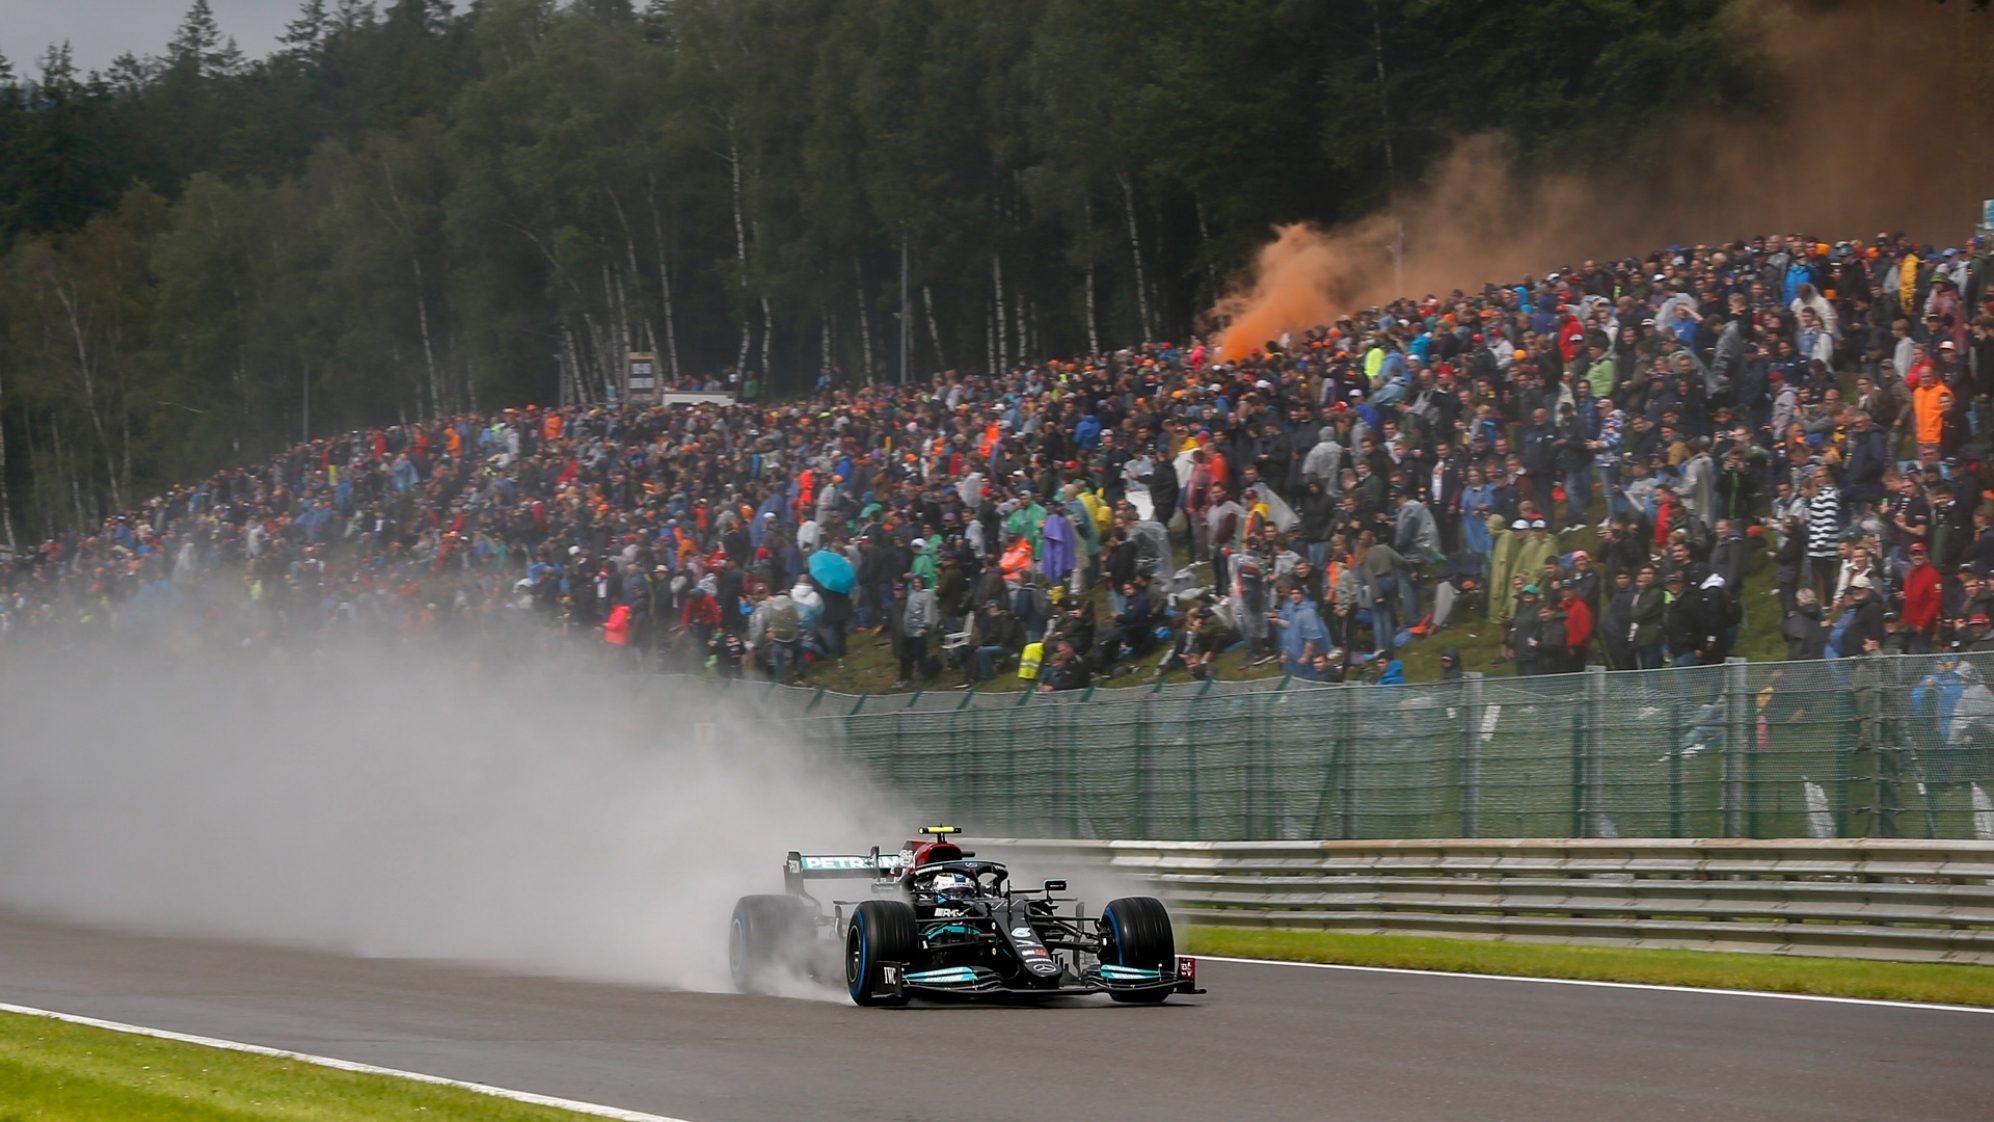 Lewis Hamilton ám chỉ F1 tham tiền, khi cố cho các tay đua ra chạy ba vòng sau xe an toàn, bất chấp thời tiết không đảm bảo. Ảnh: F1